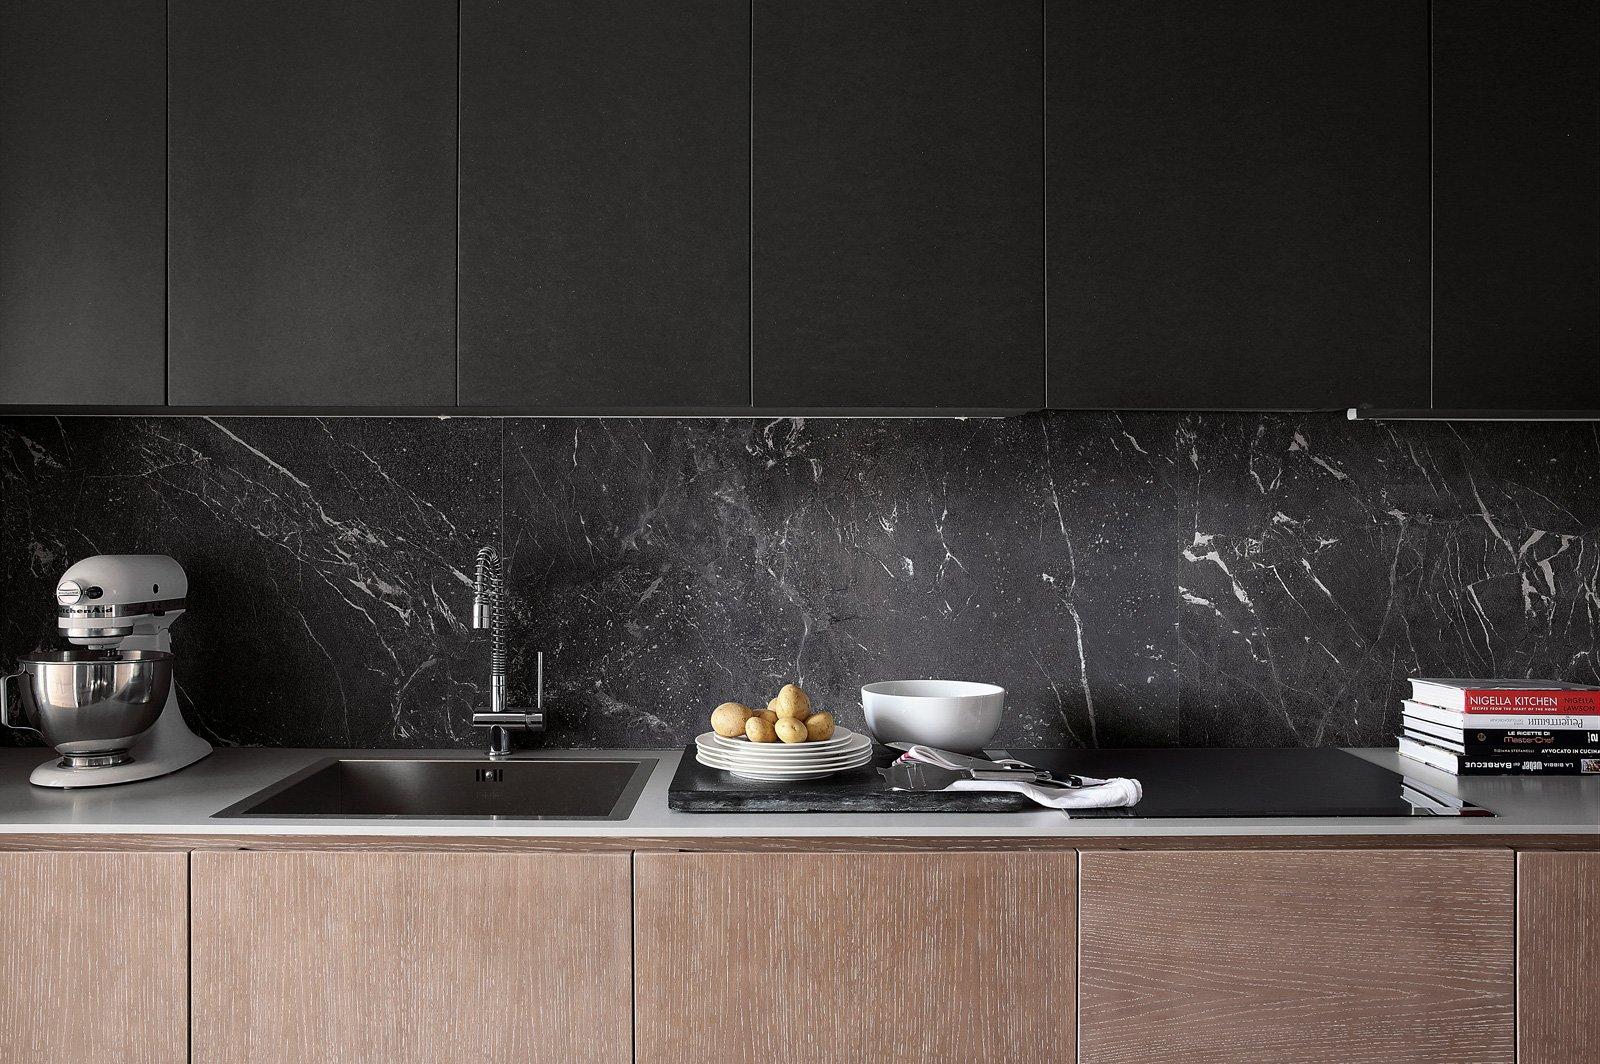 Pannelli per cucina leroy merlin modern with pannelli per cucina